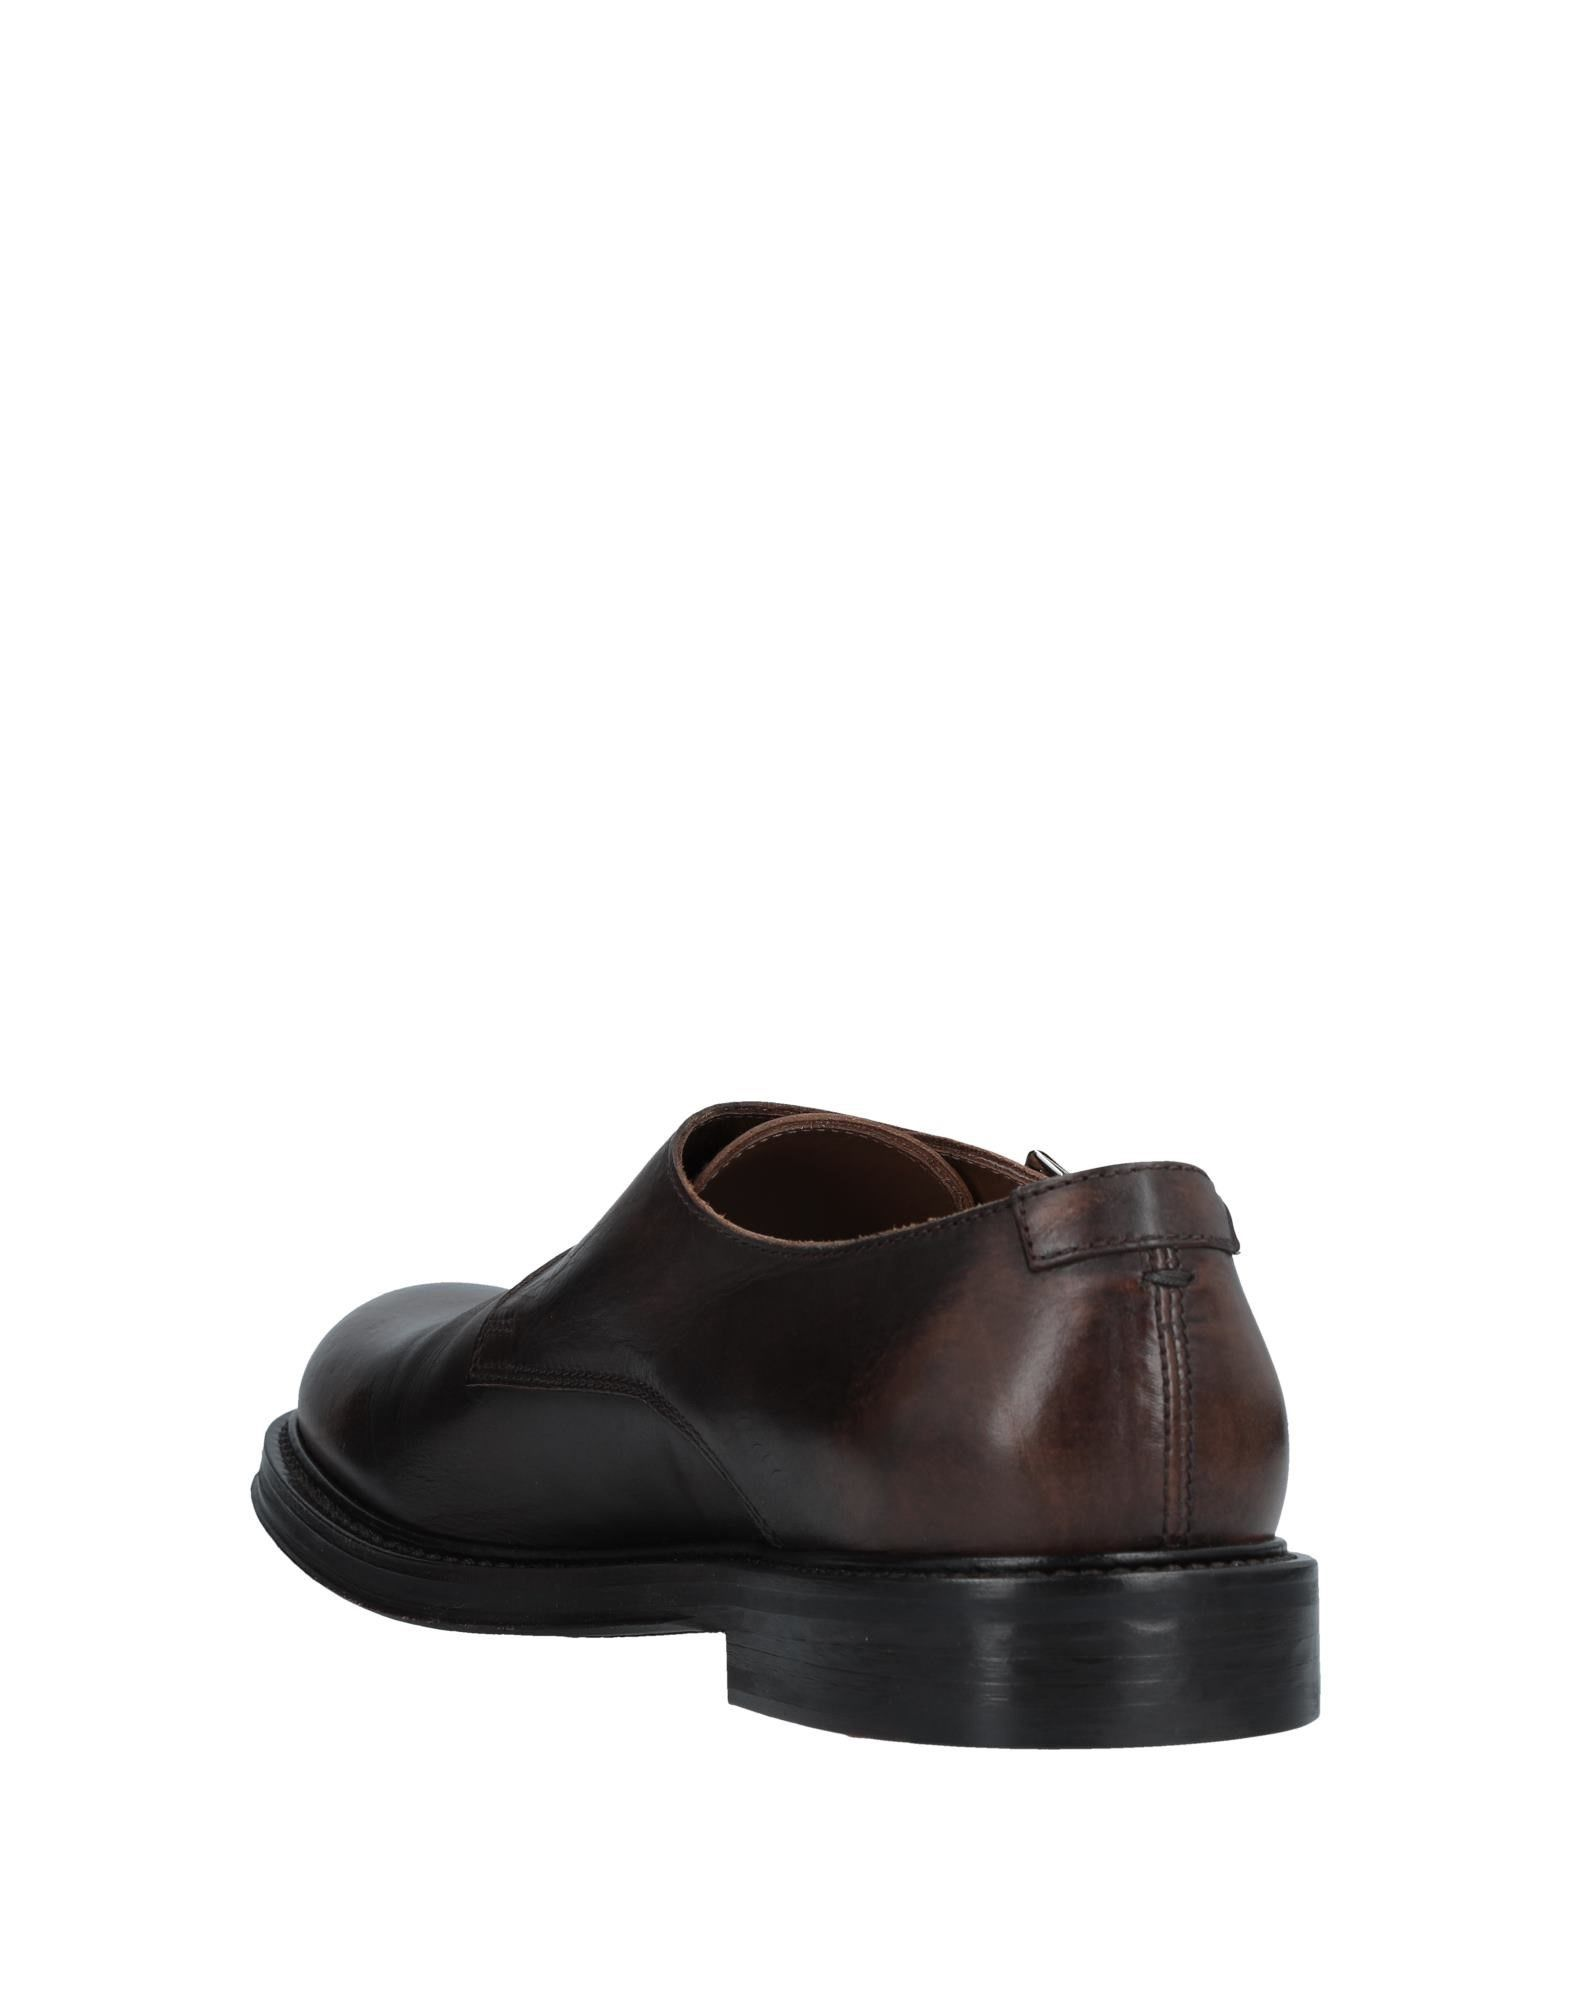 Doucal's Mokassins Herren  11269385XL Gute Qualität beliebte Schuhe